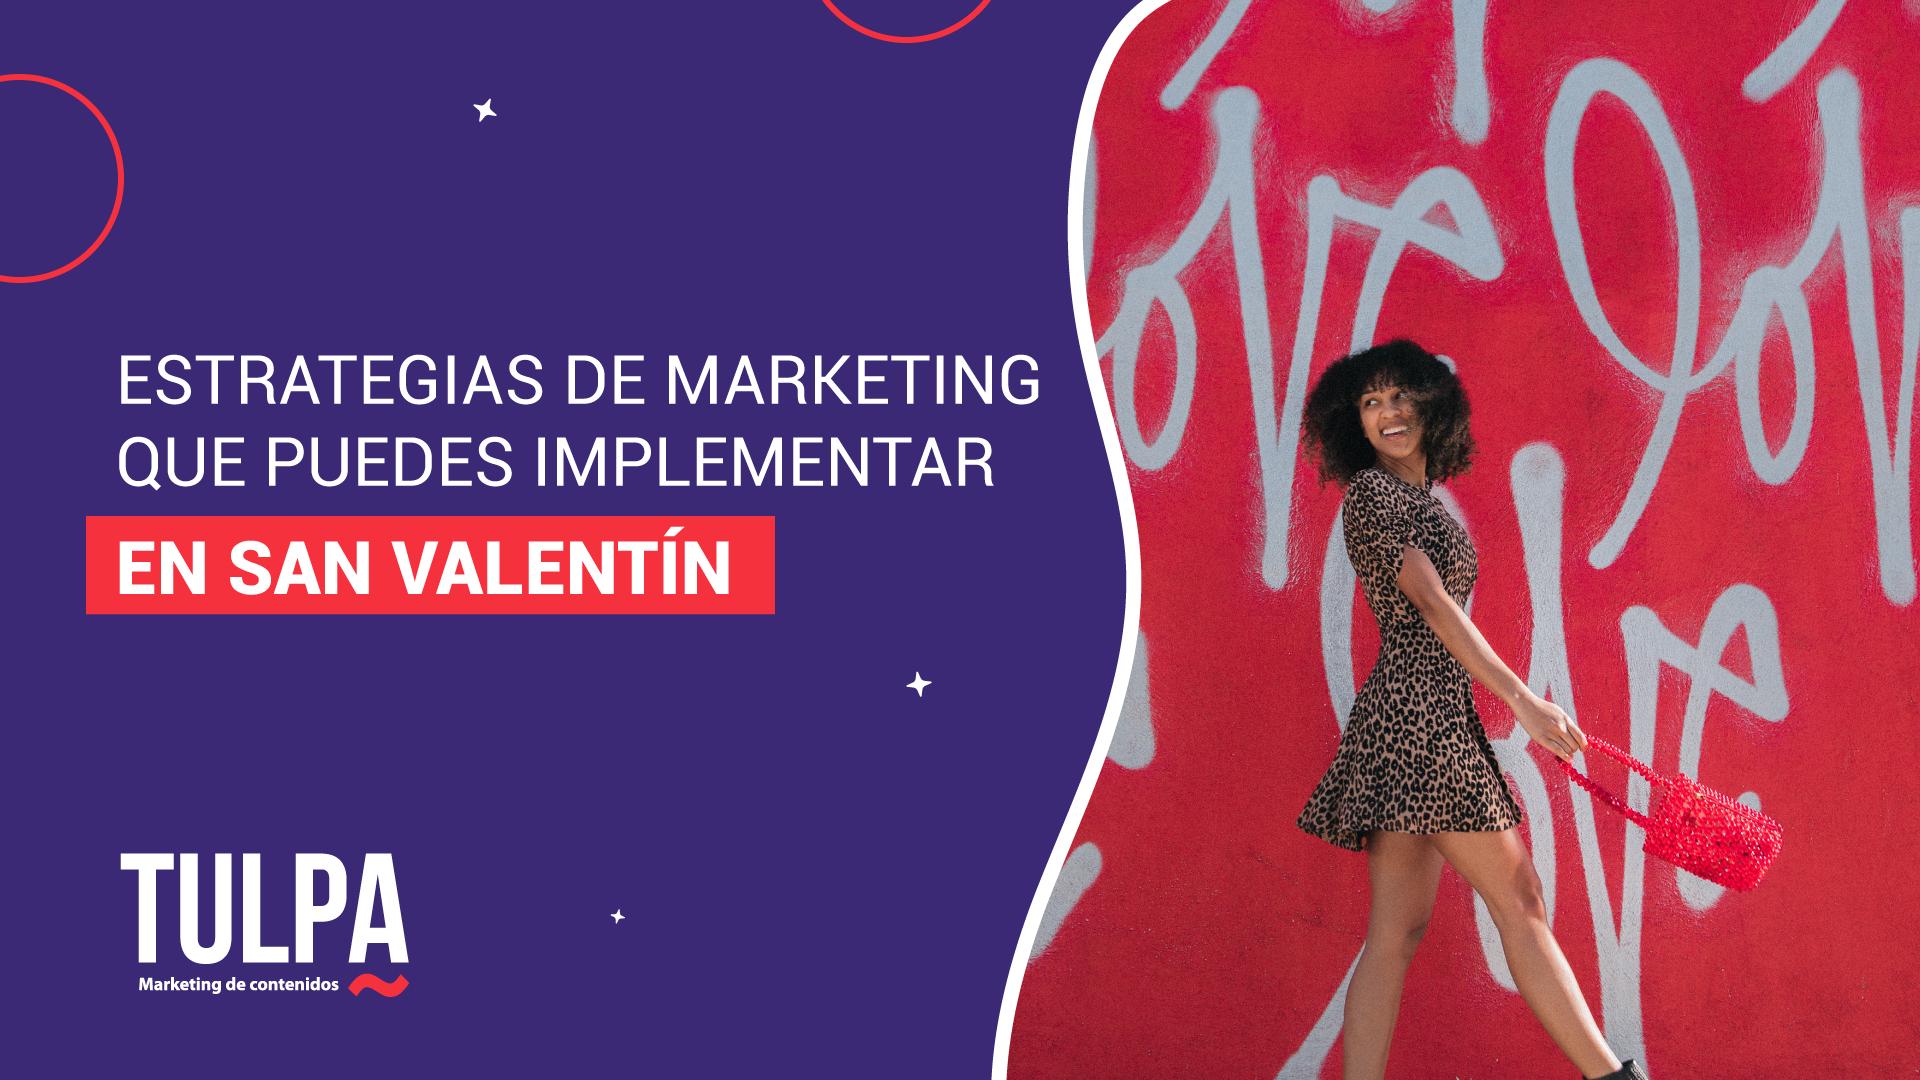 Estrategias de marketing que puedes implementar en San Valentín